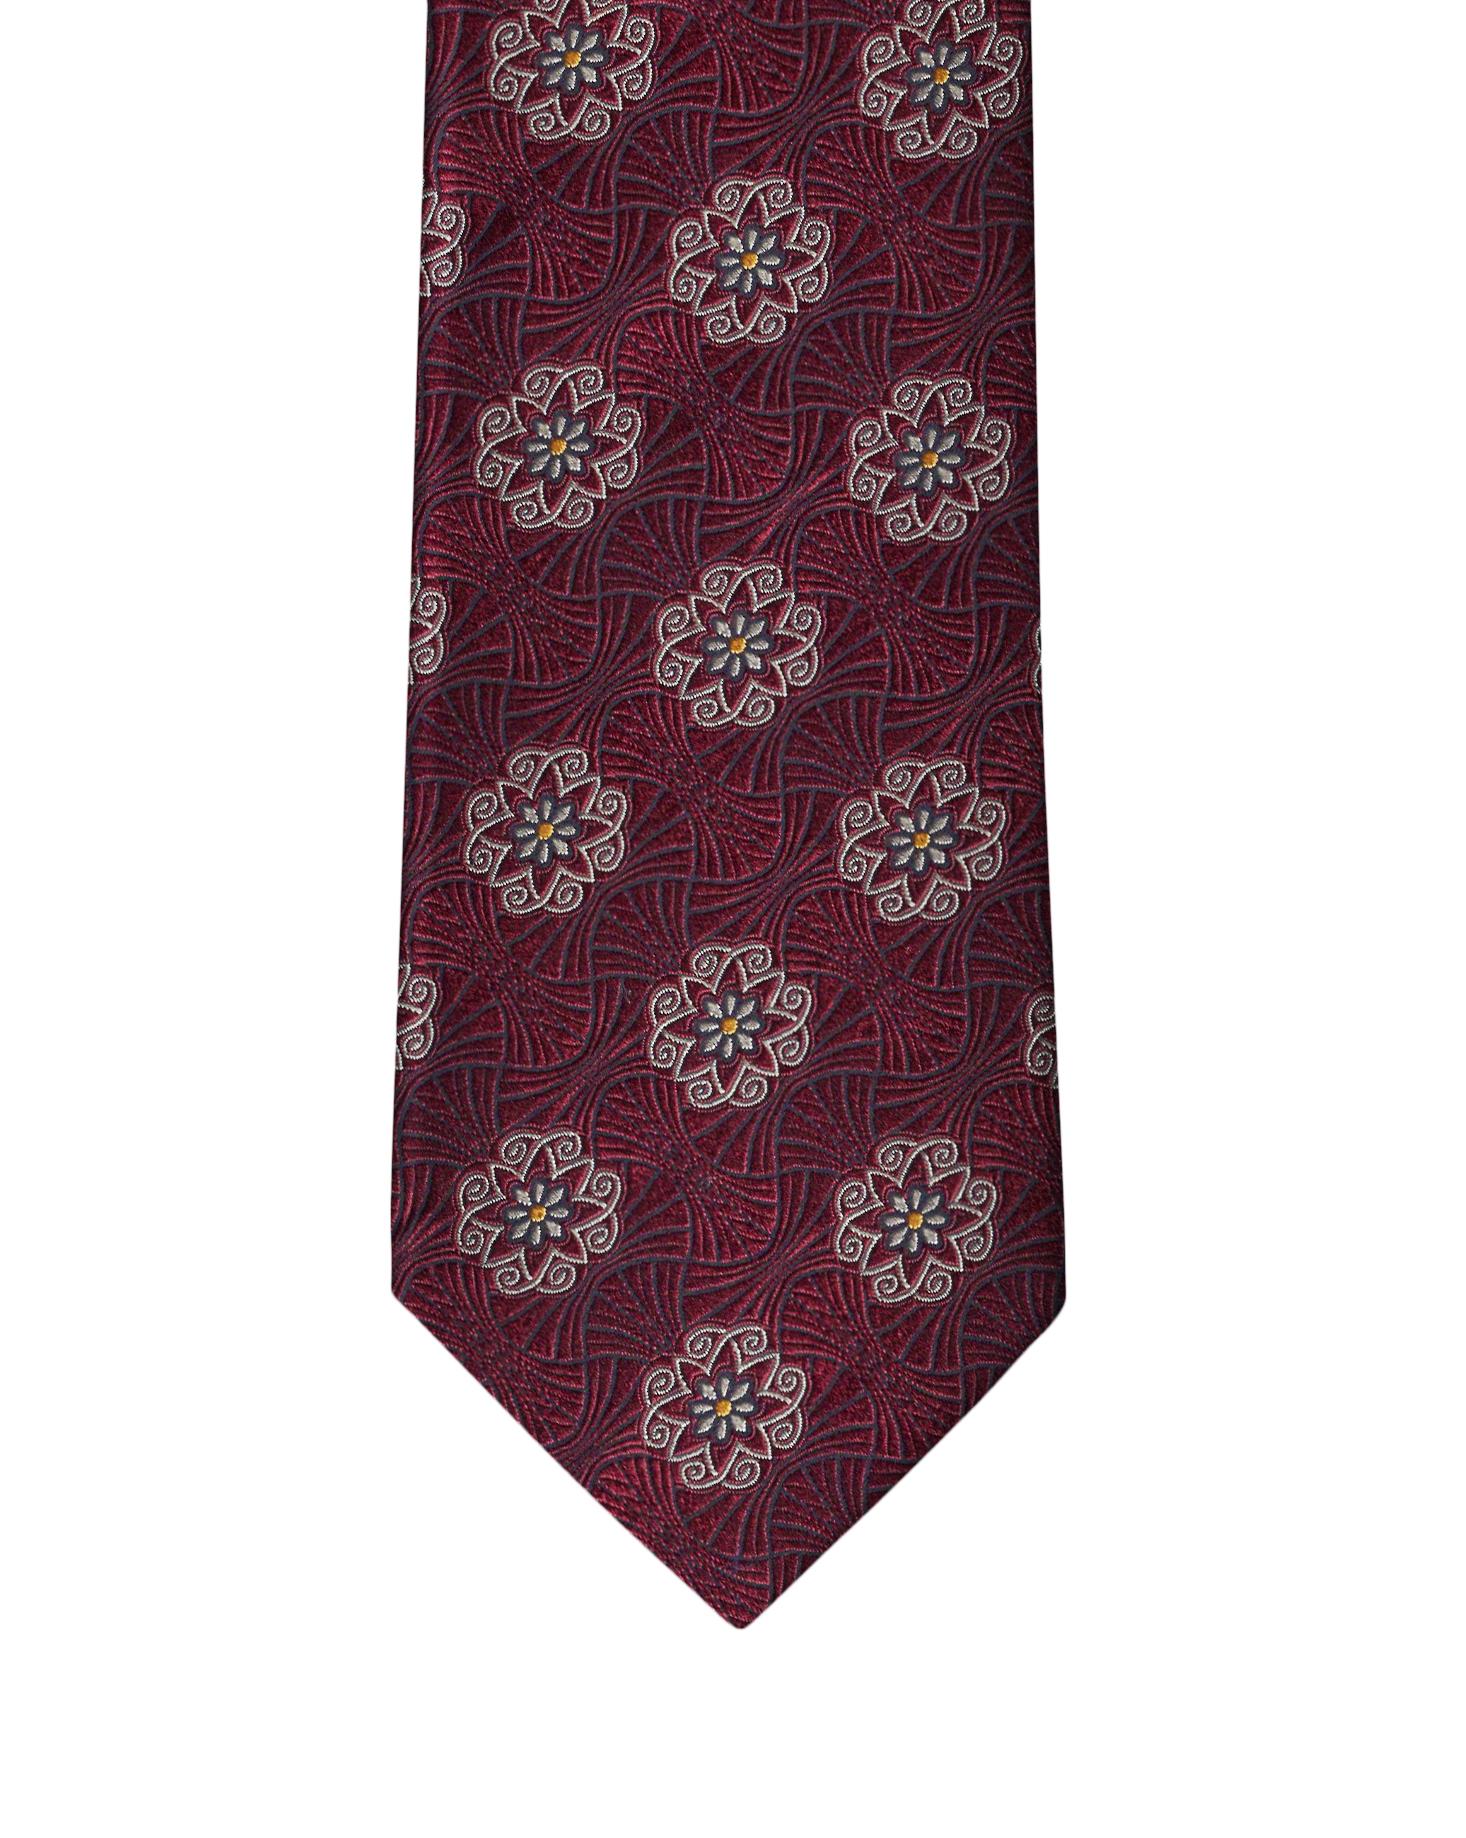 Burgundy Heraldic Medallion Necktie